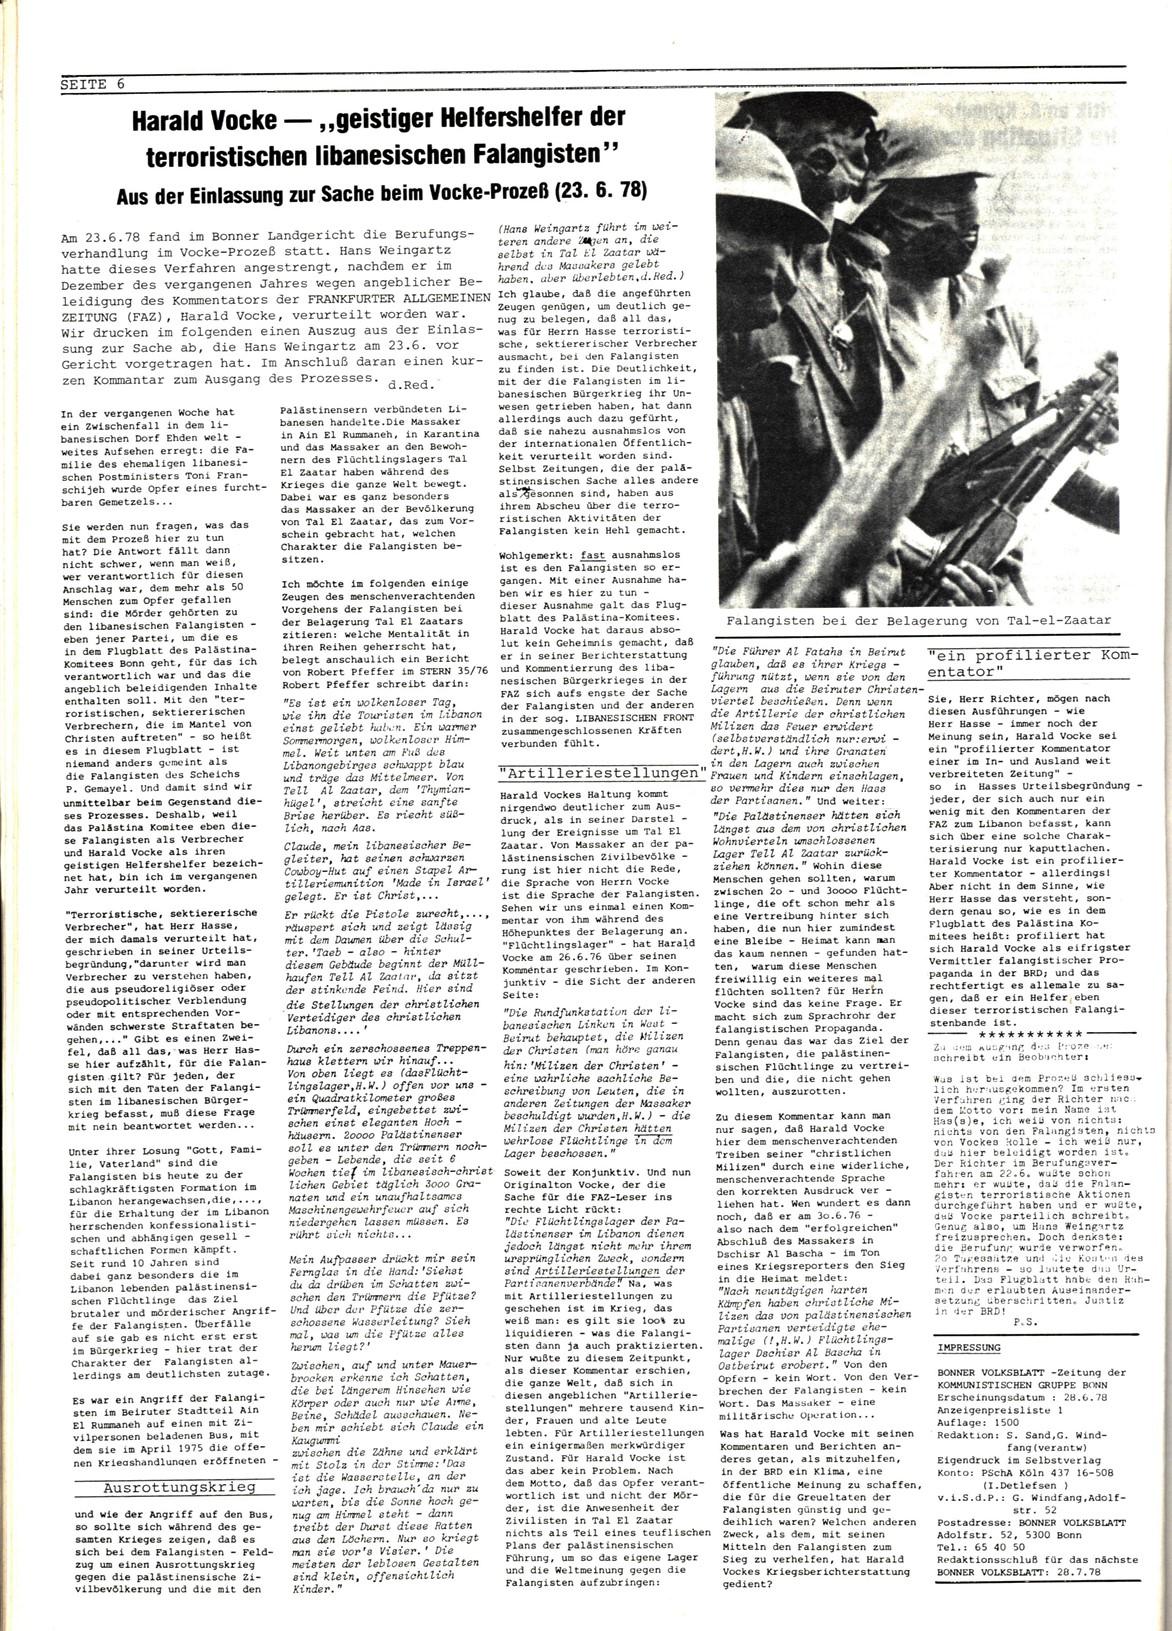 Bonner_Volksblatt_14_19780628_06